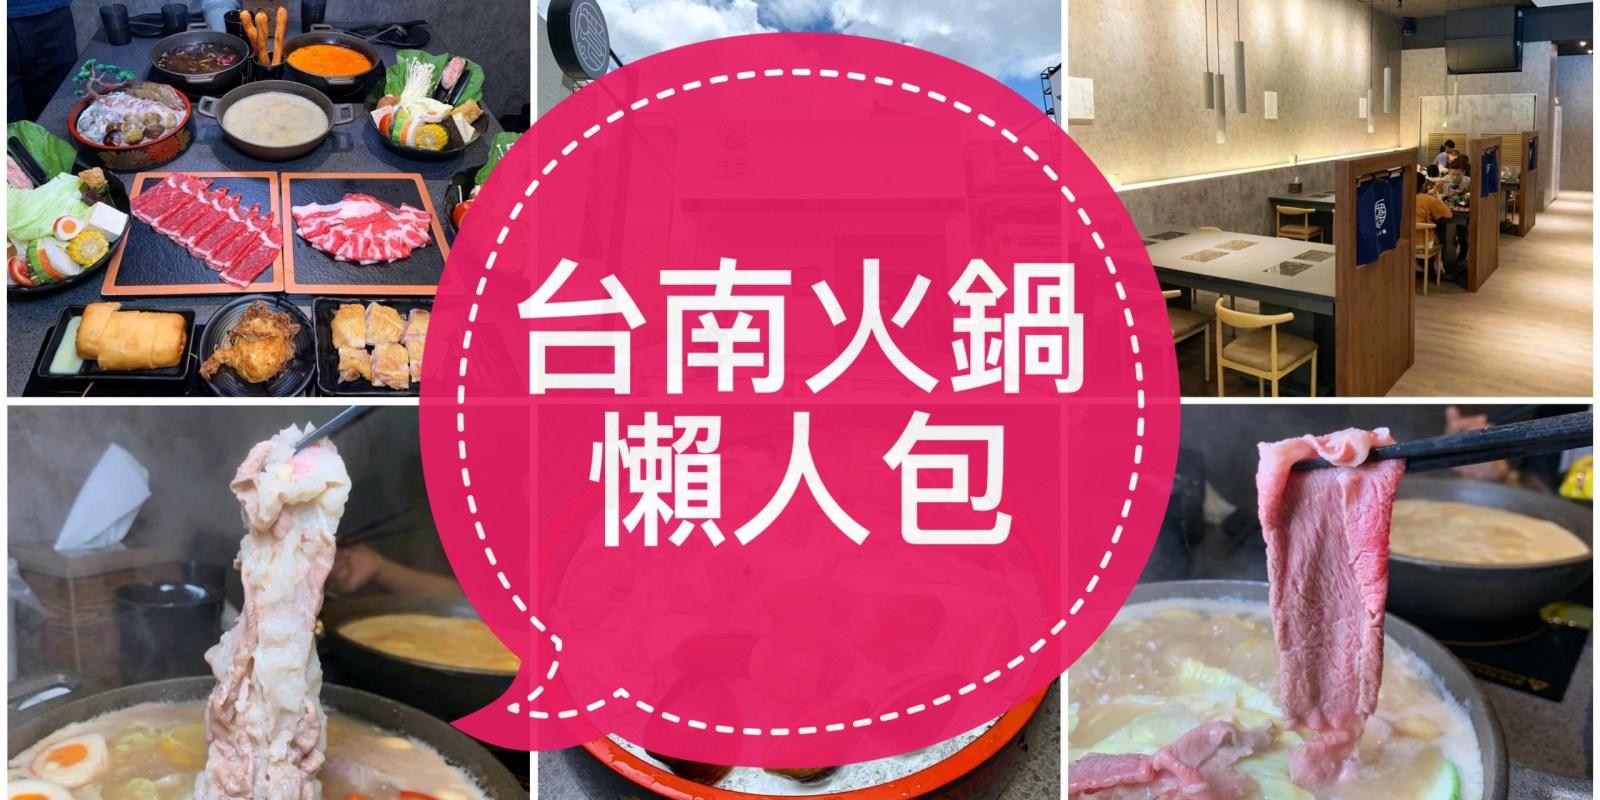 台南火鍋懶人包 - 收錄台南的超多特色和必吃的火鍋店